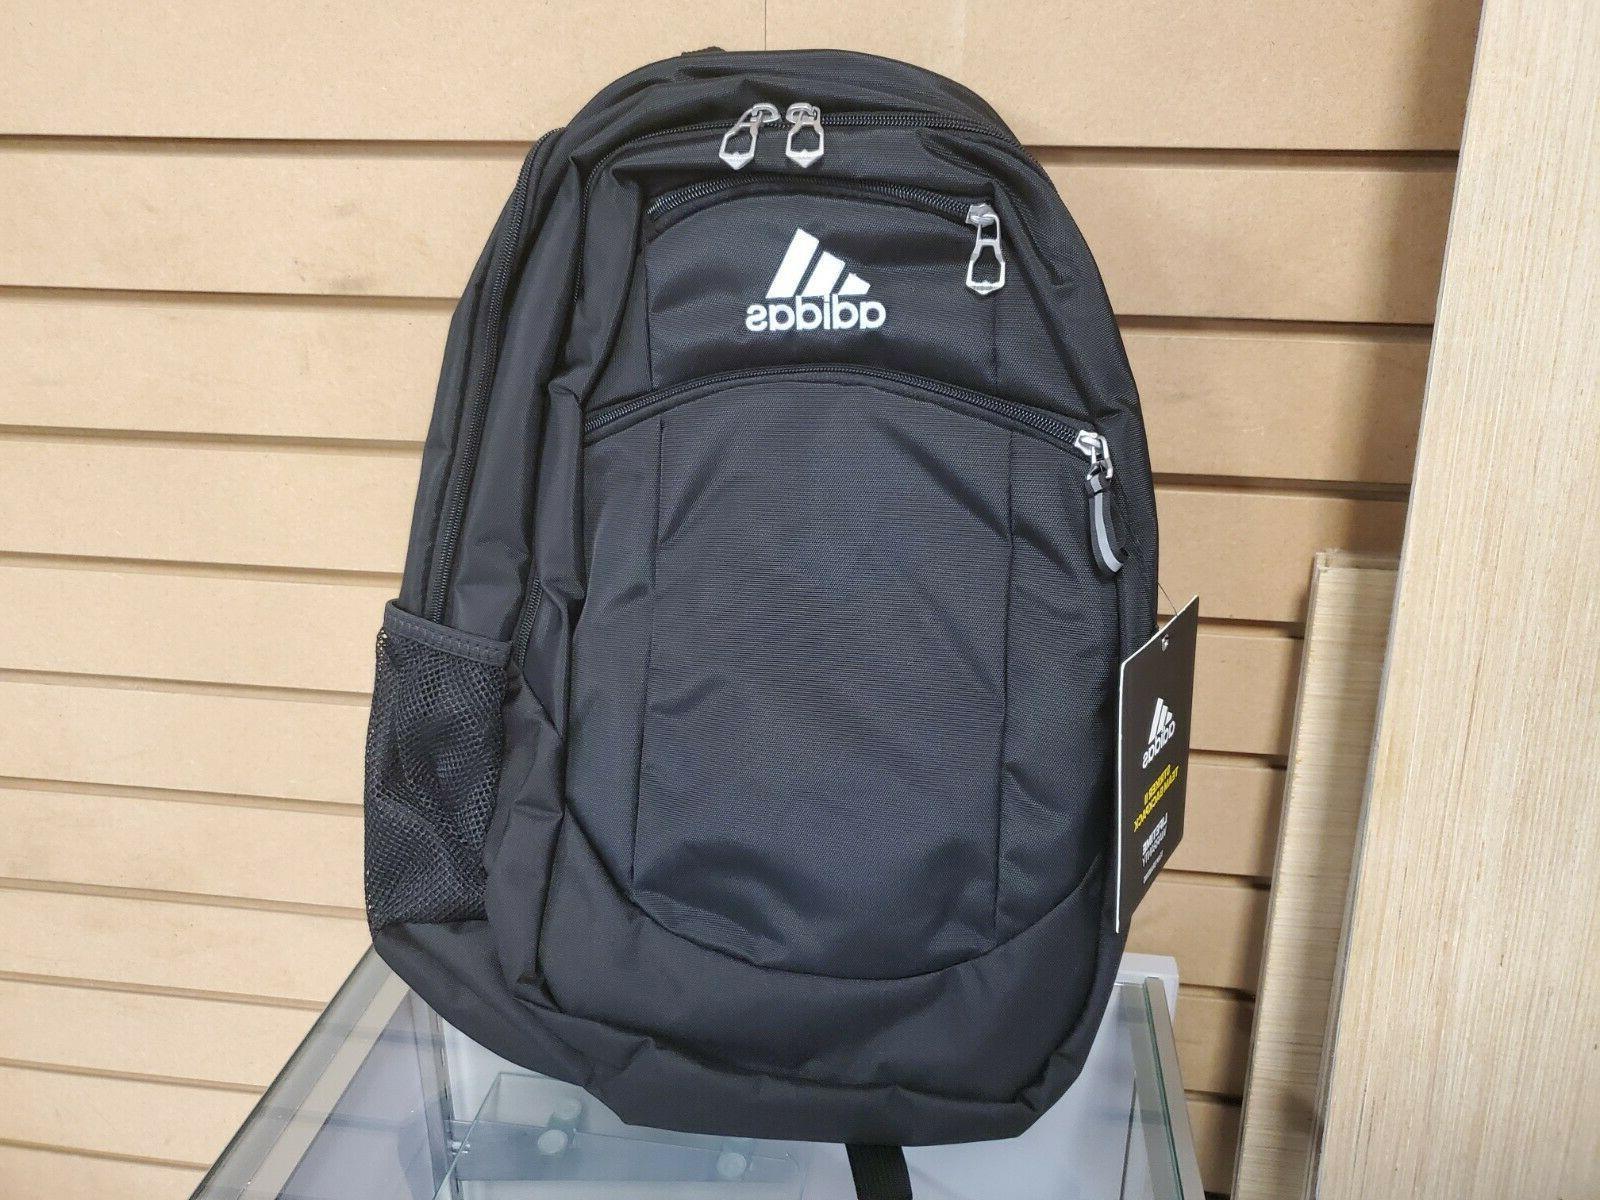 striker 2 team backpack black xl size